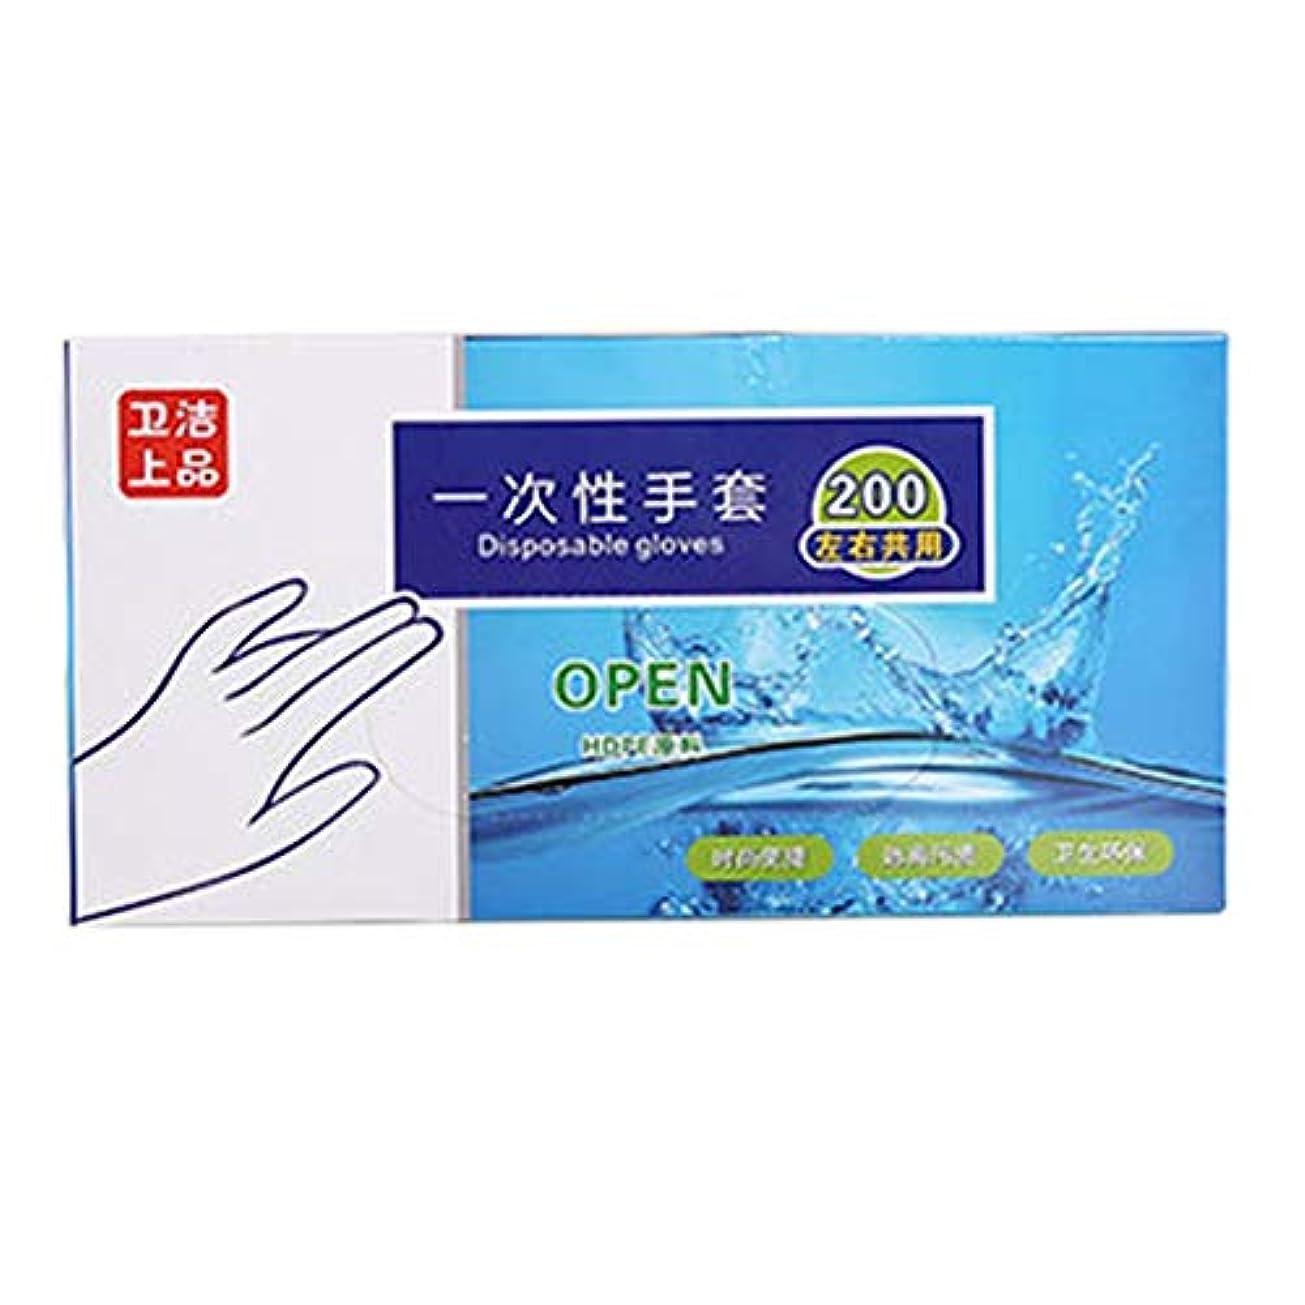 キー九モーターMoresave 200枚 使い捨て手袋 使いきり手袋 キッチン 掃除用具 防水防油 透明 厚手